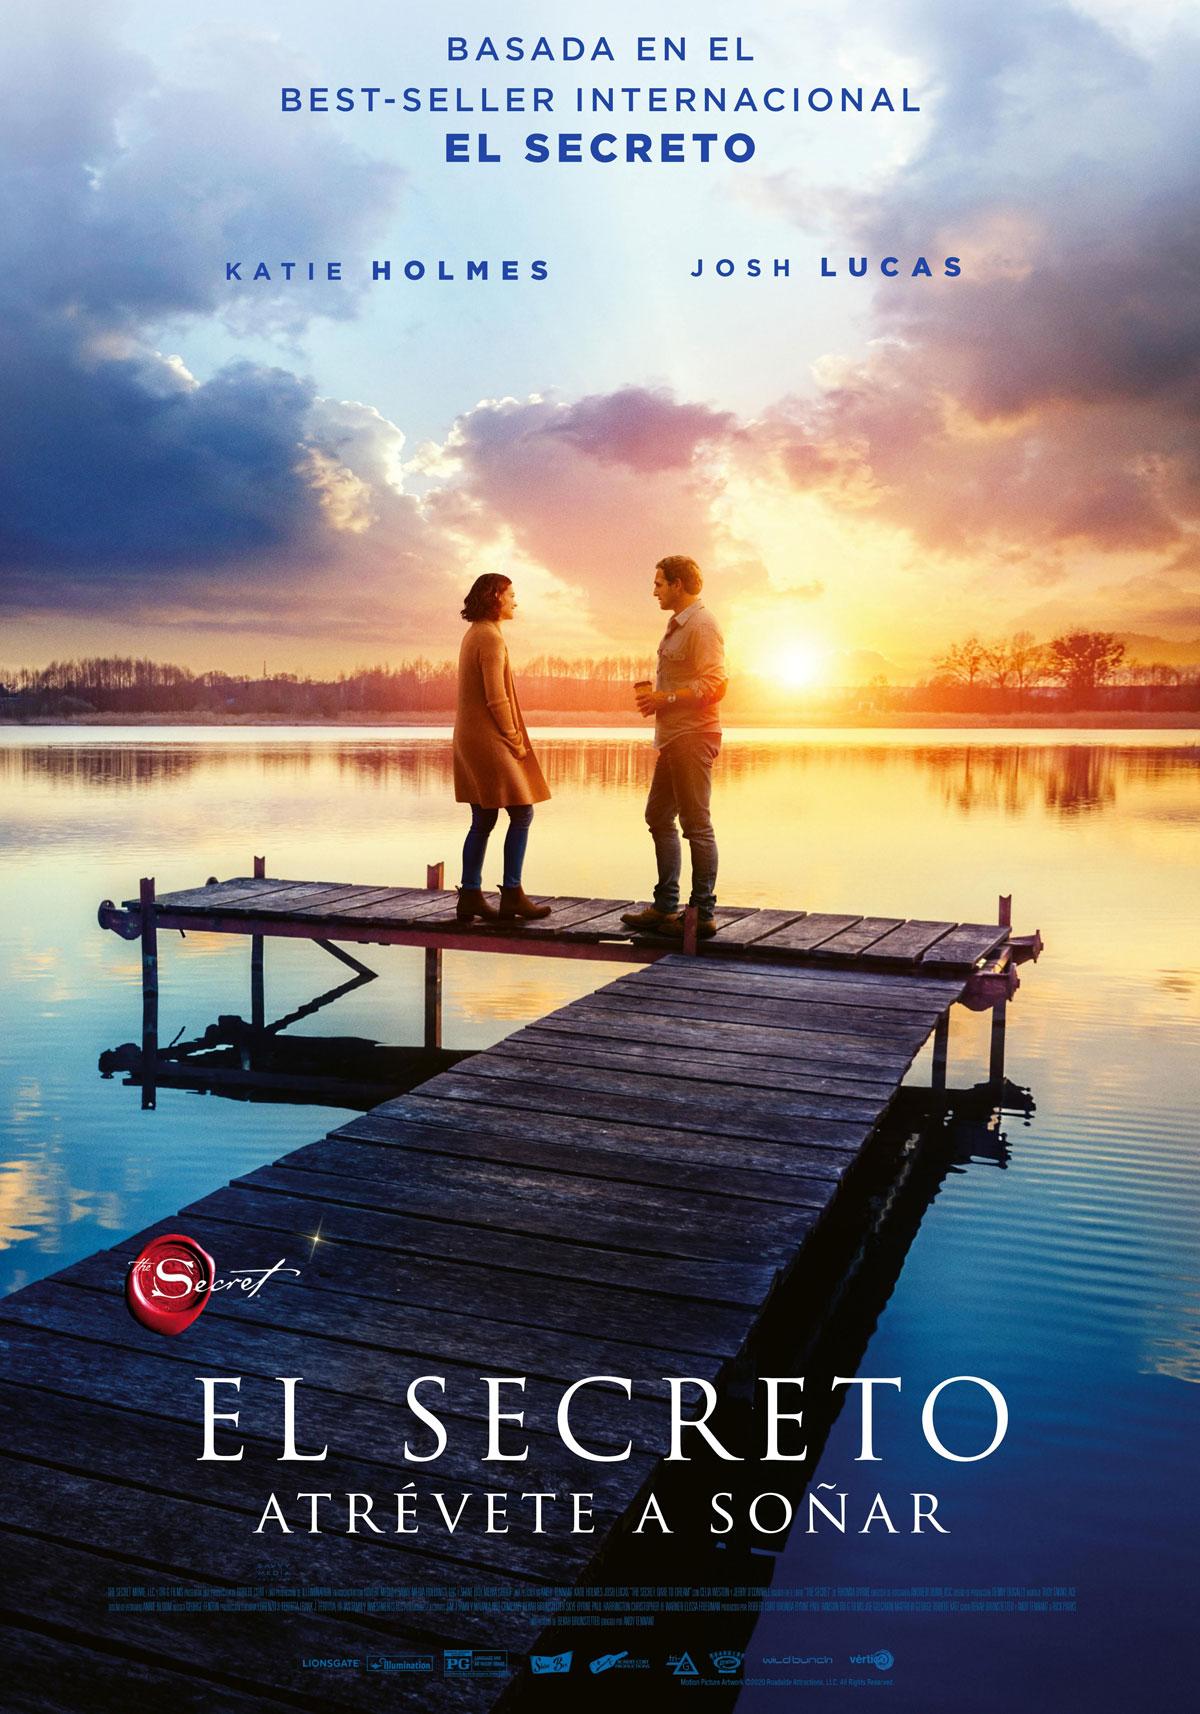 El secreto. Atrévete a soñar - Película 2020 - SensaCine.com